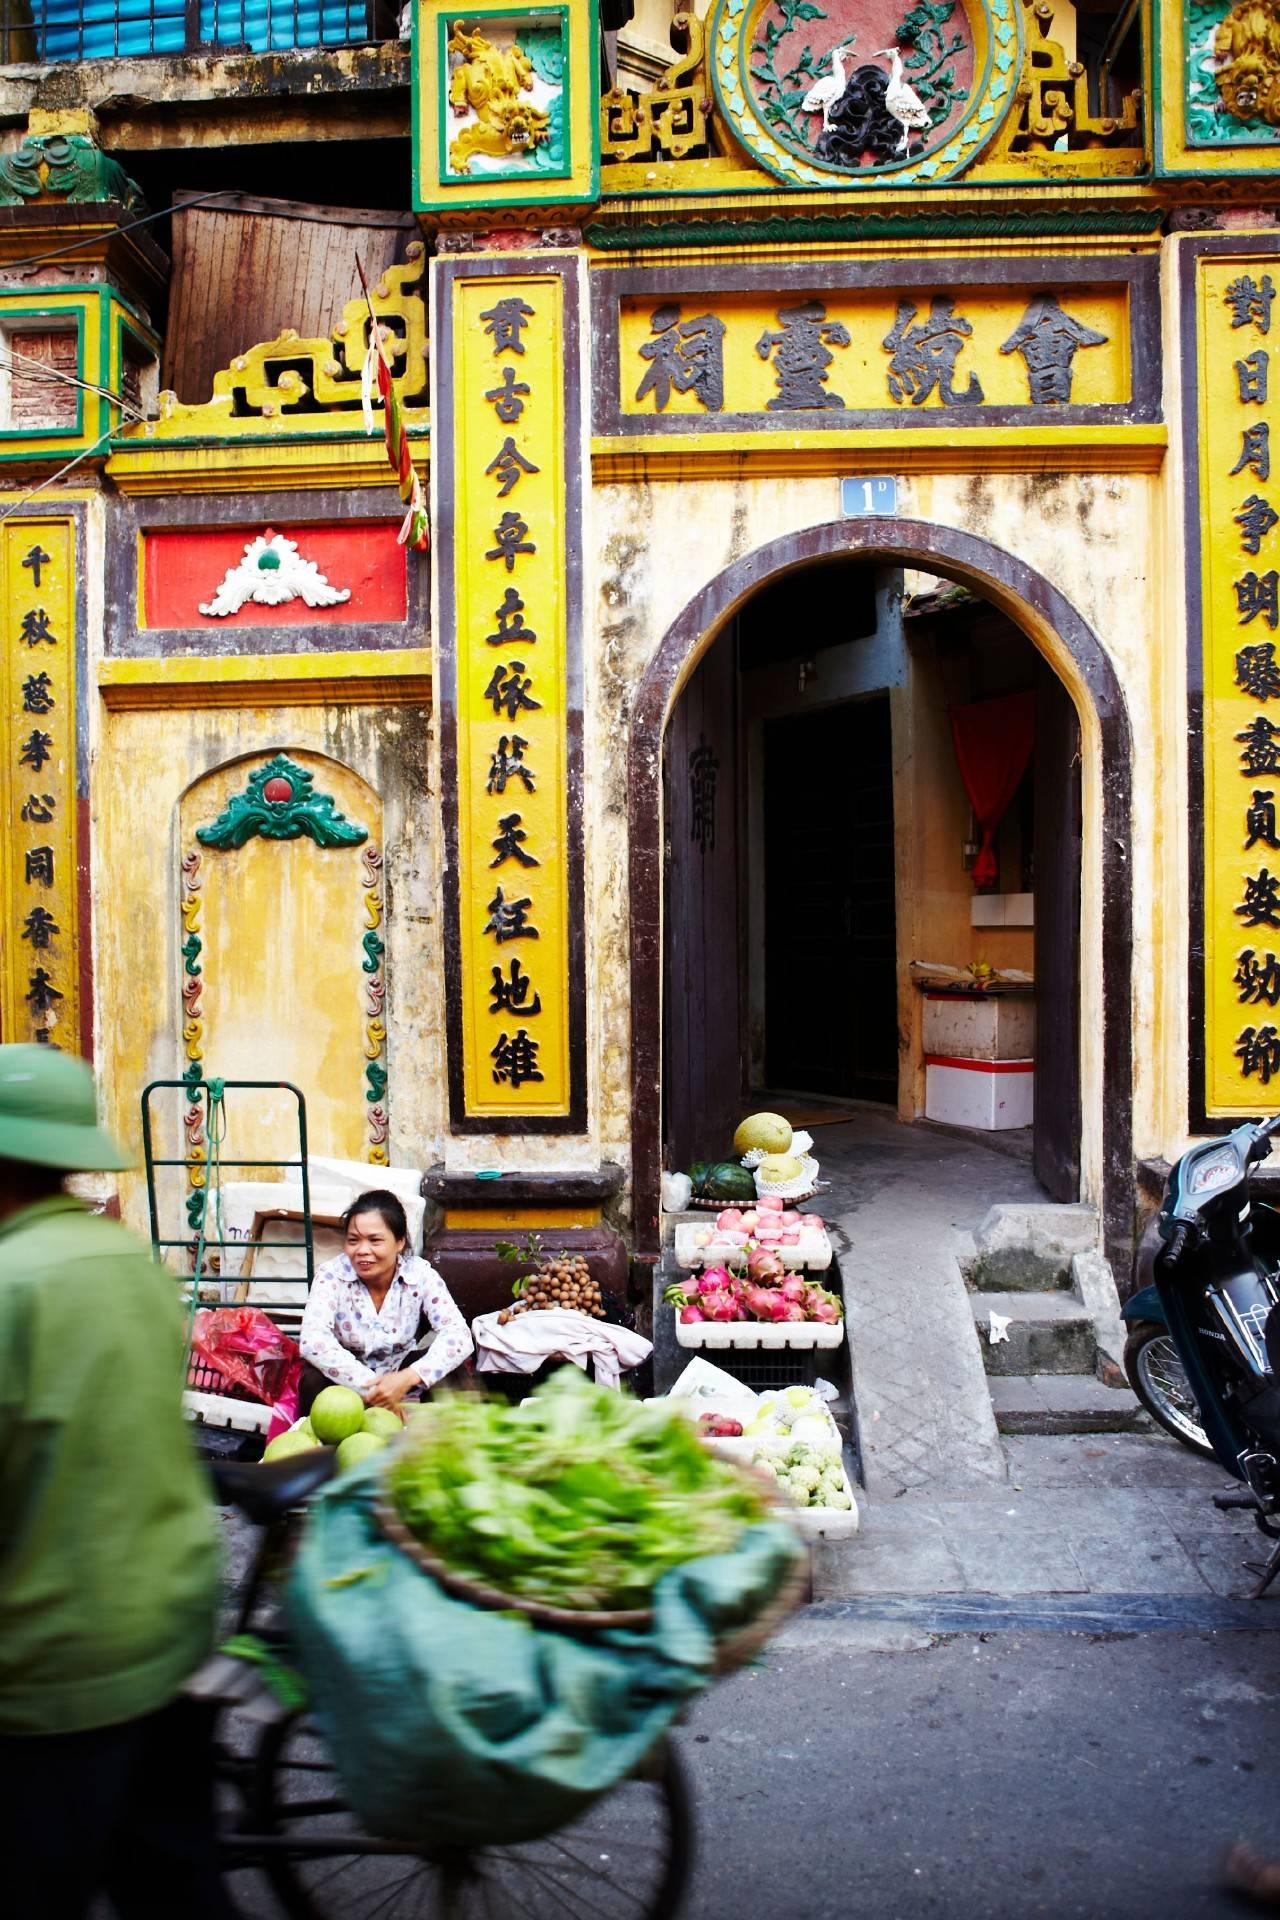 穿越要找对地方,推荐几个老城区给你 | 世界旅行清单